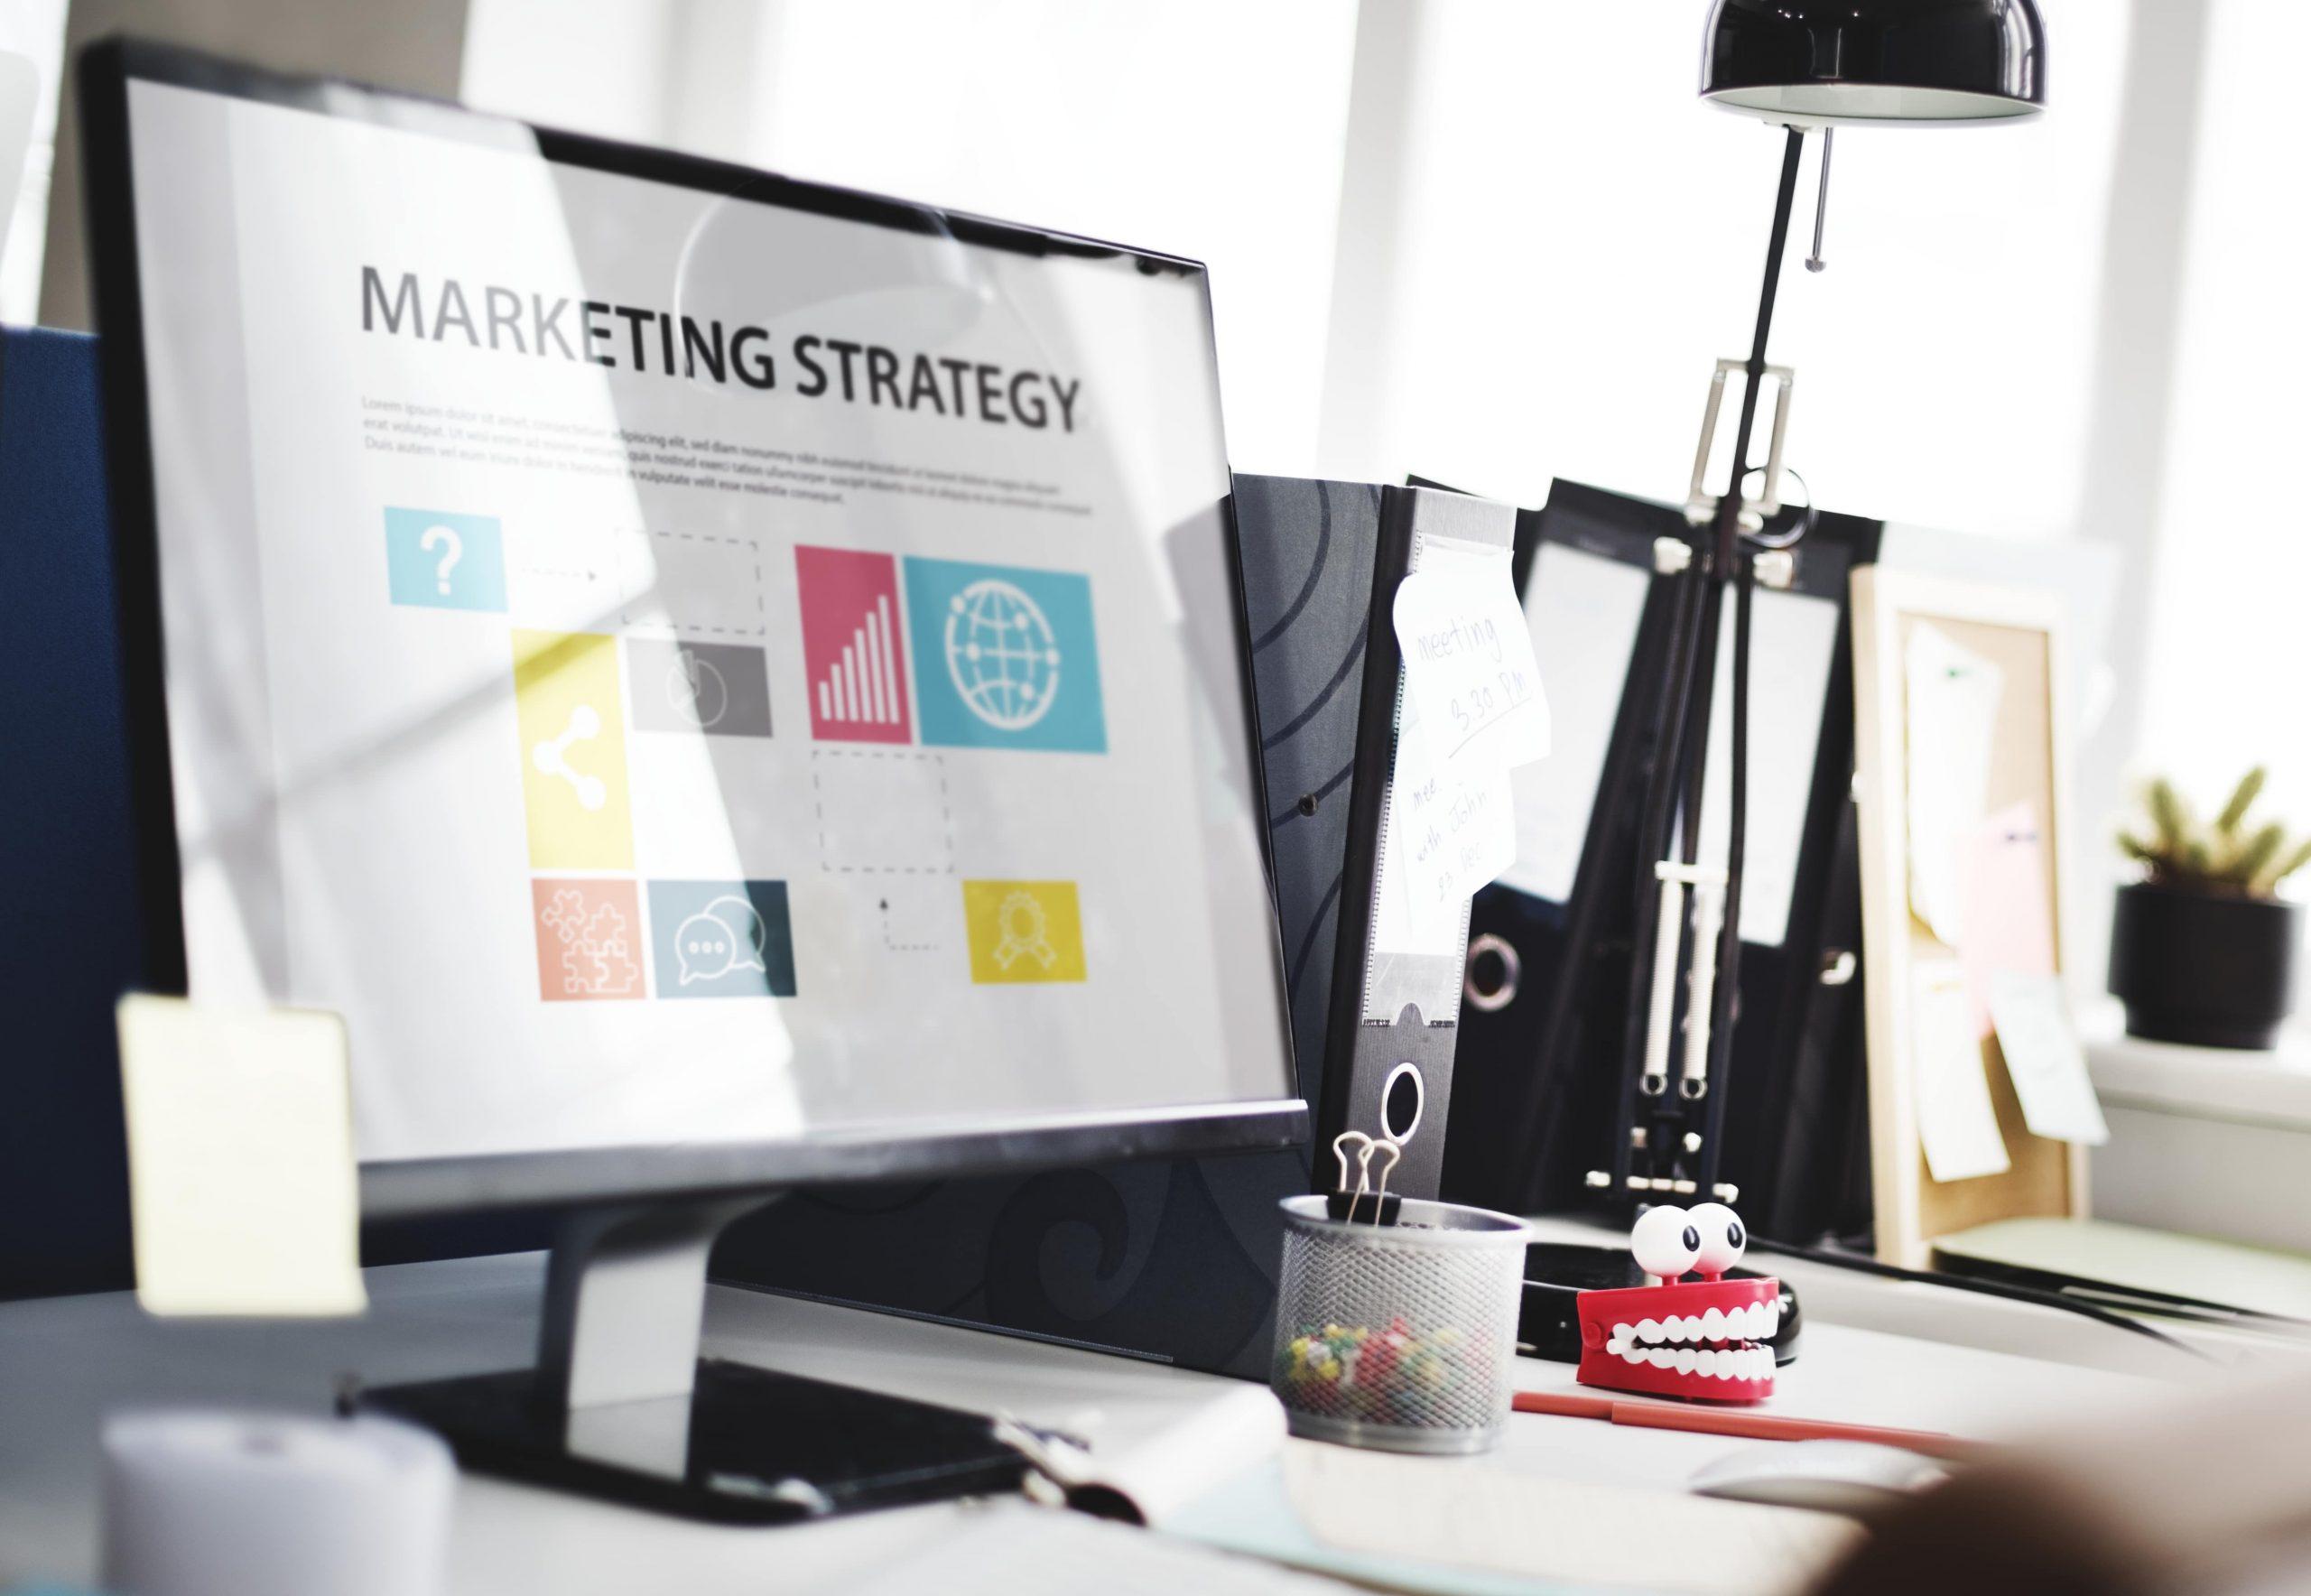 ¿Por qué estudiar marketing? 5 razones y 5 consejos